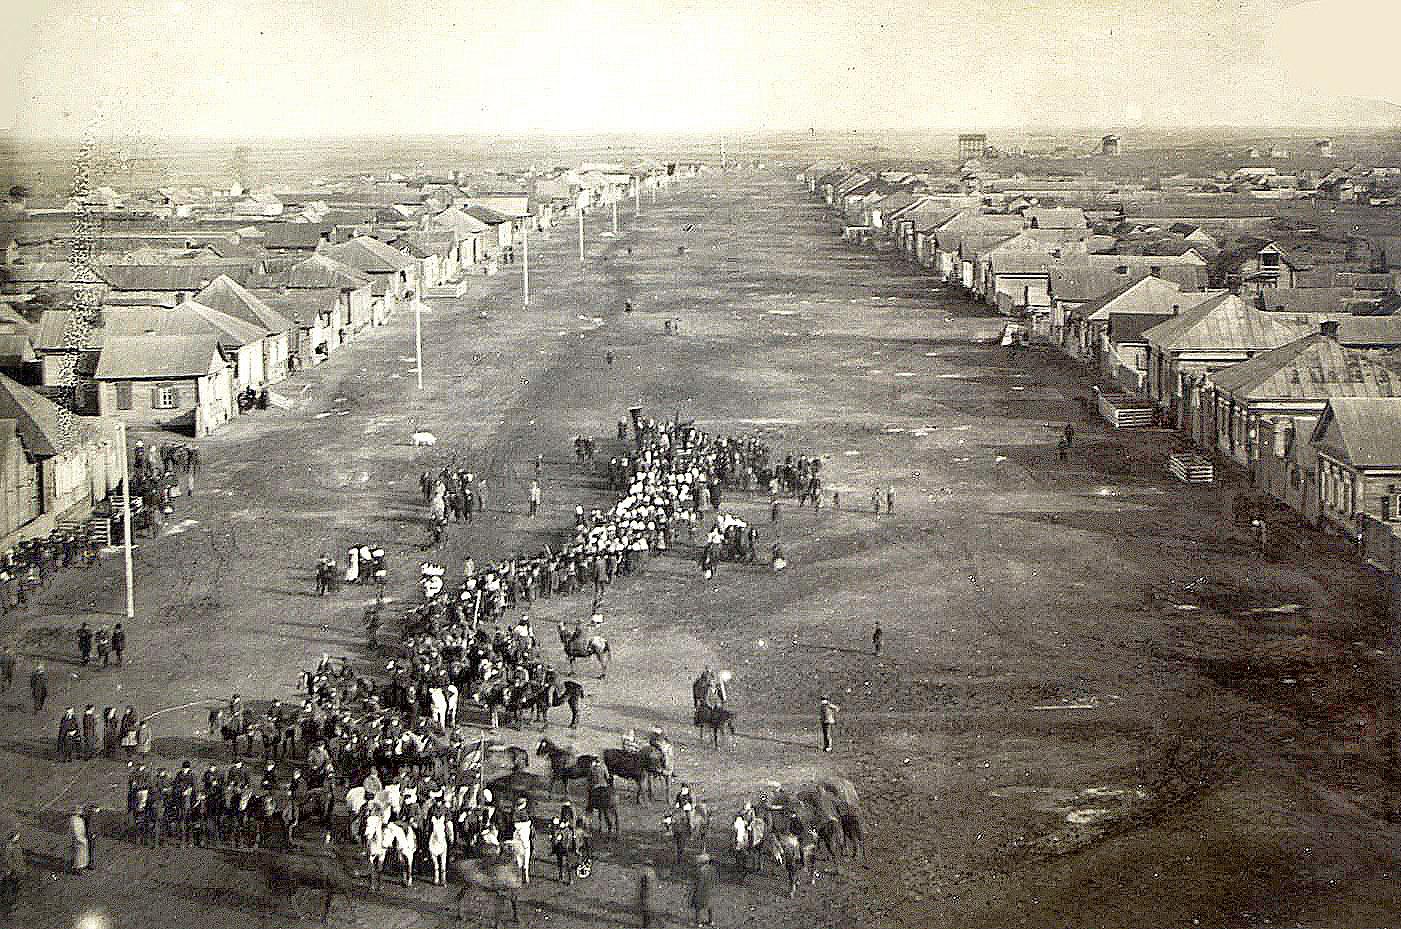 старое фото архив село привольное энгельс доказательство